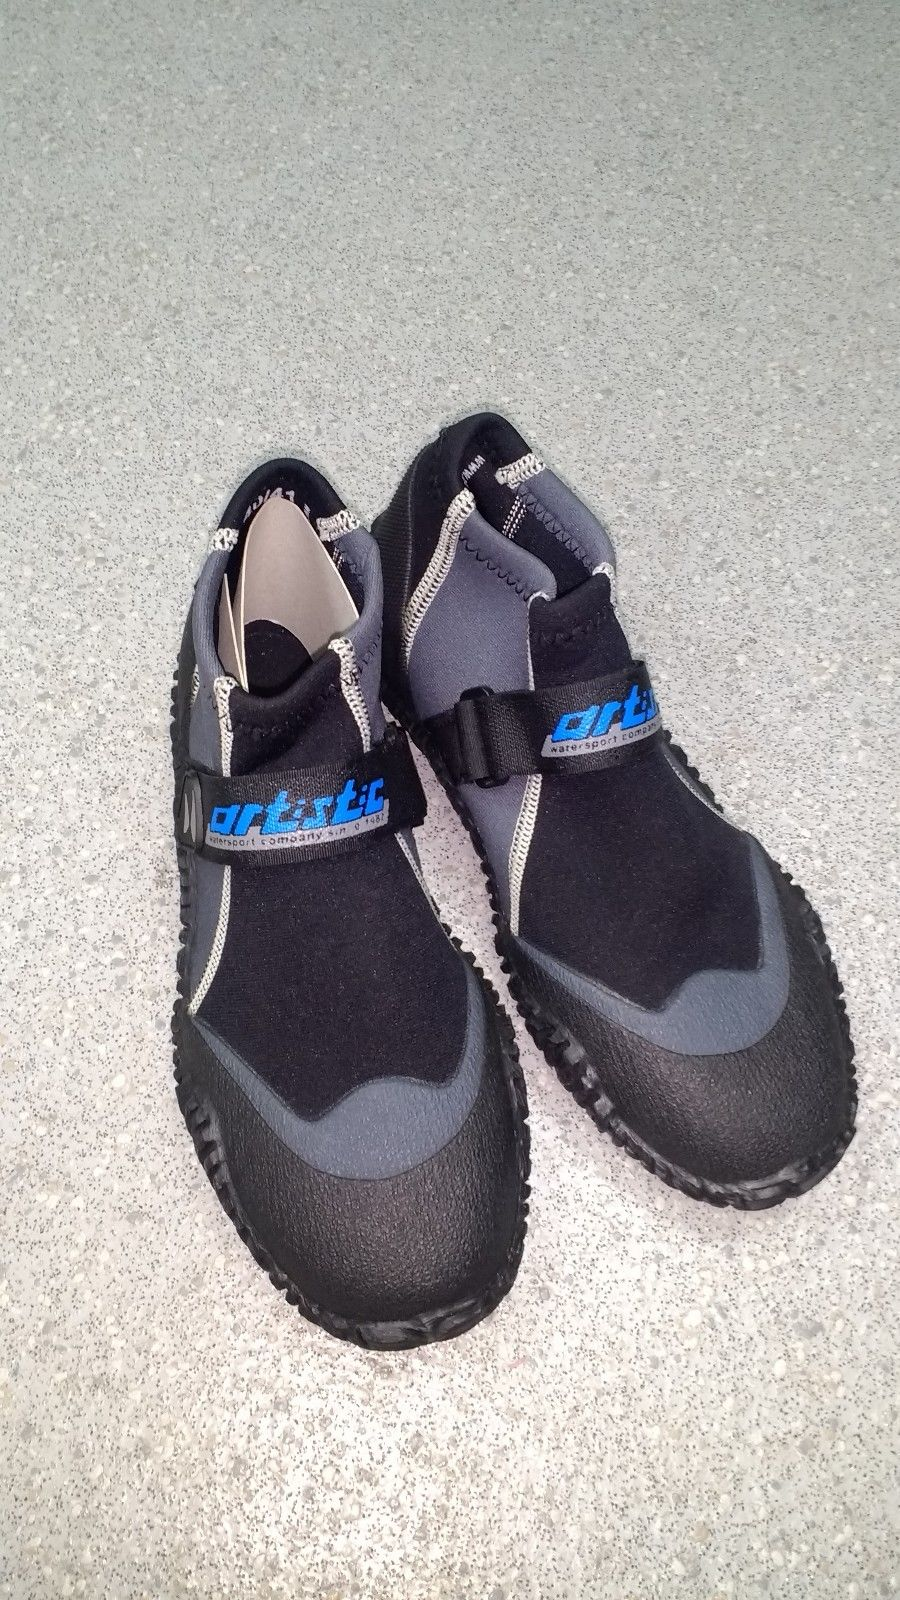 Neoprene boots Low Top (Slipper) Size 40/41